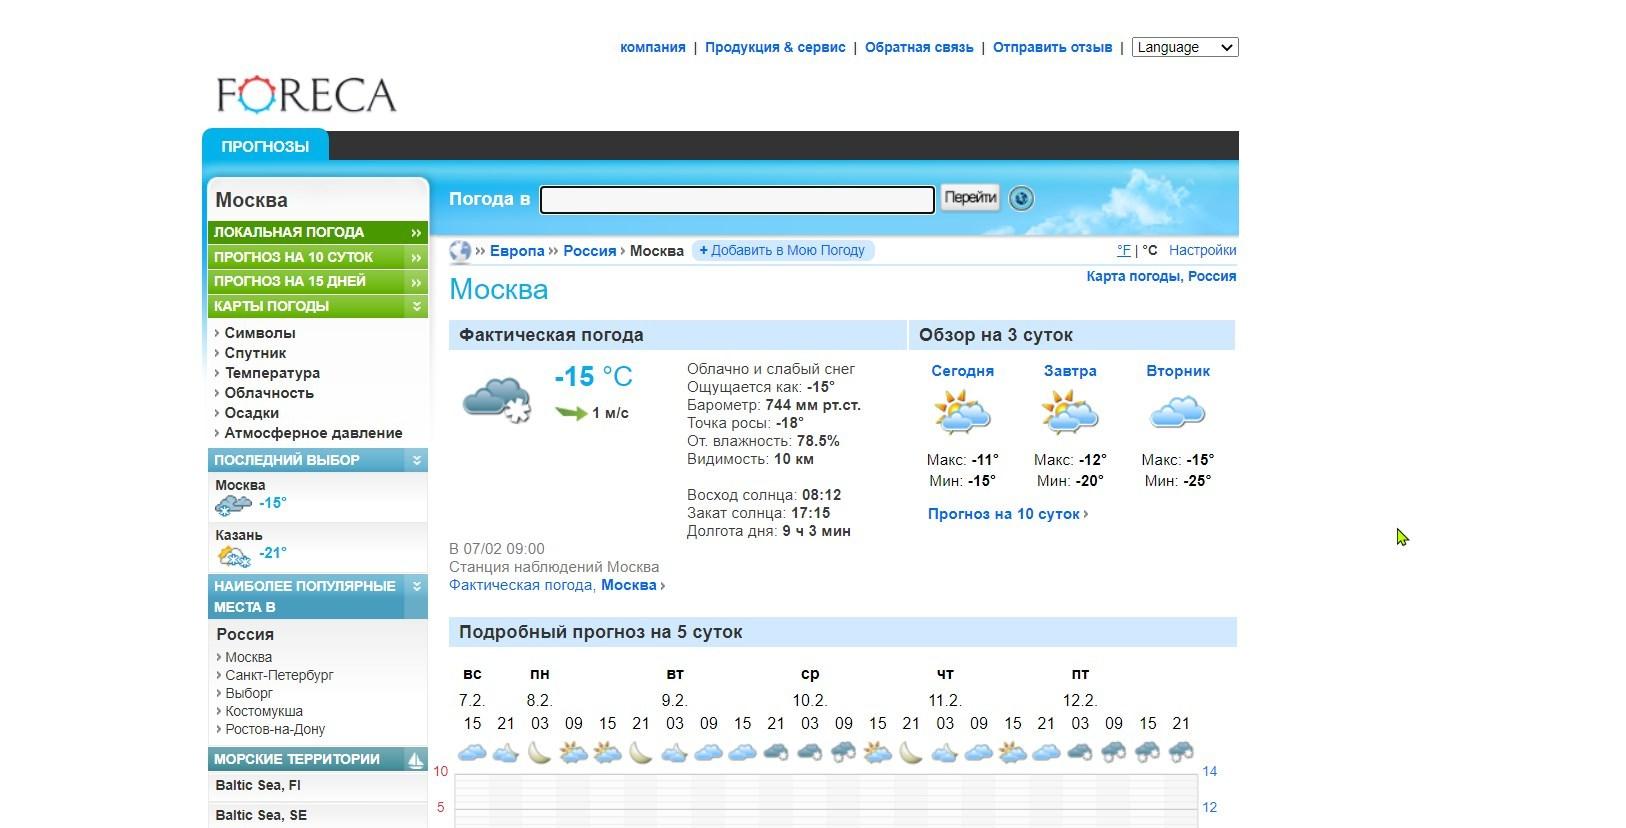 сайт прогноза погоды форека foreca.ru